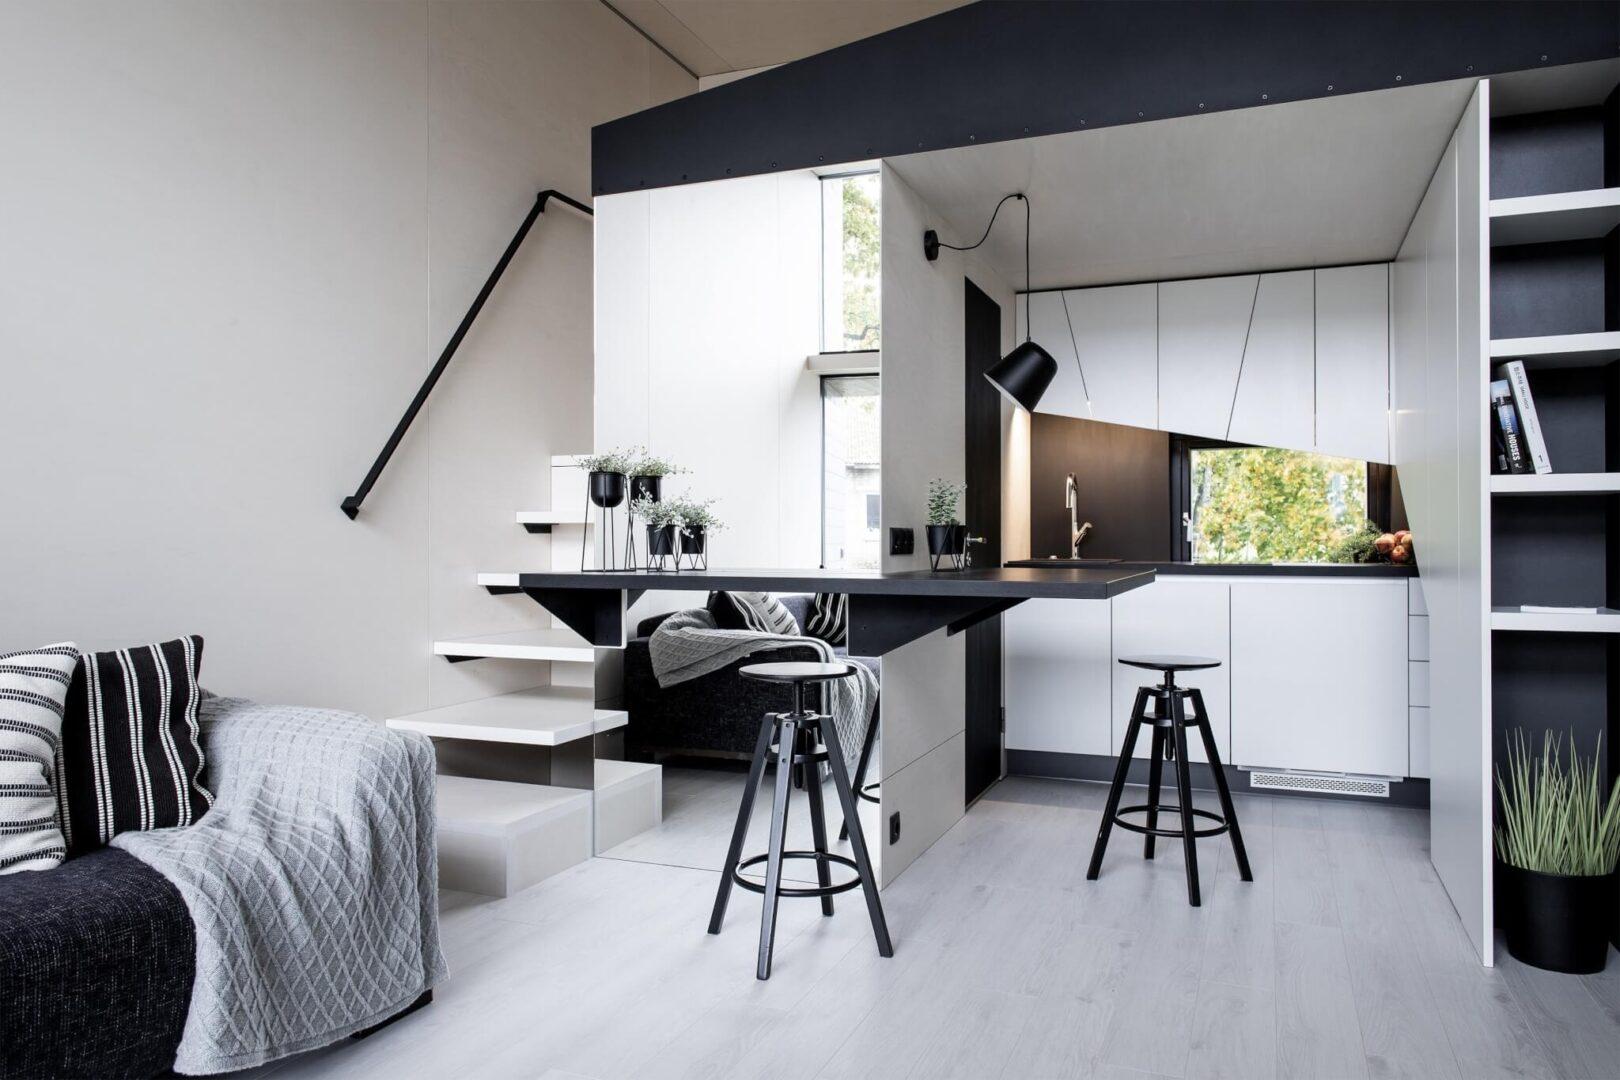 KODA-Light-main-view-interior_GetterKuusmaa